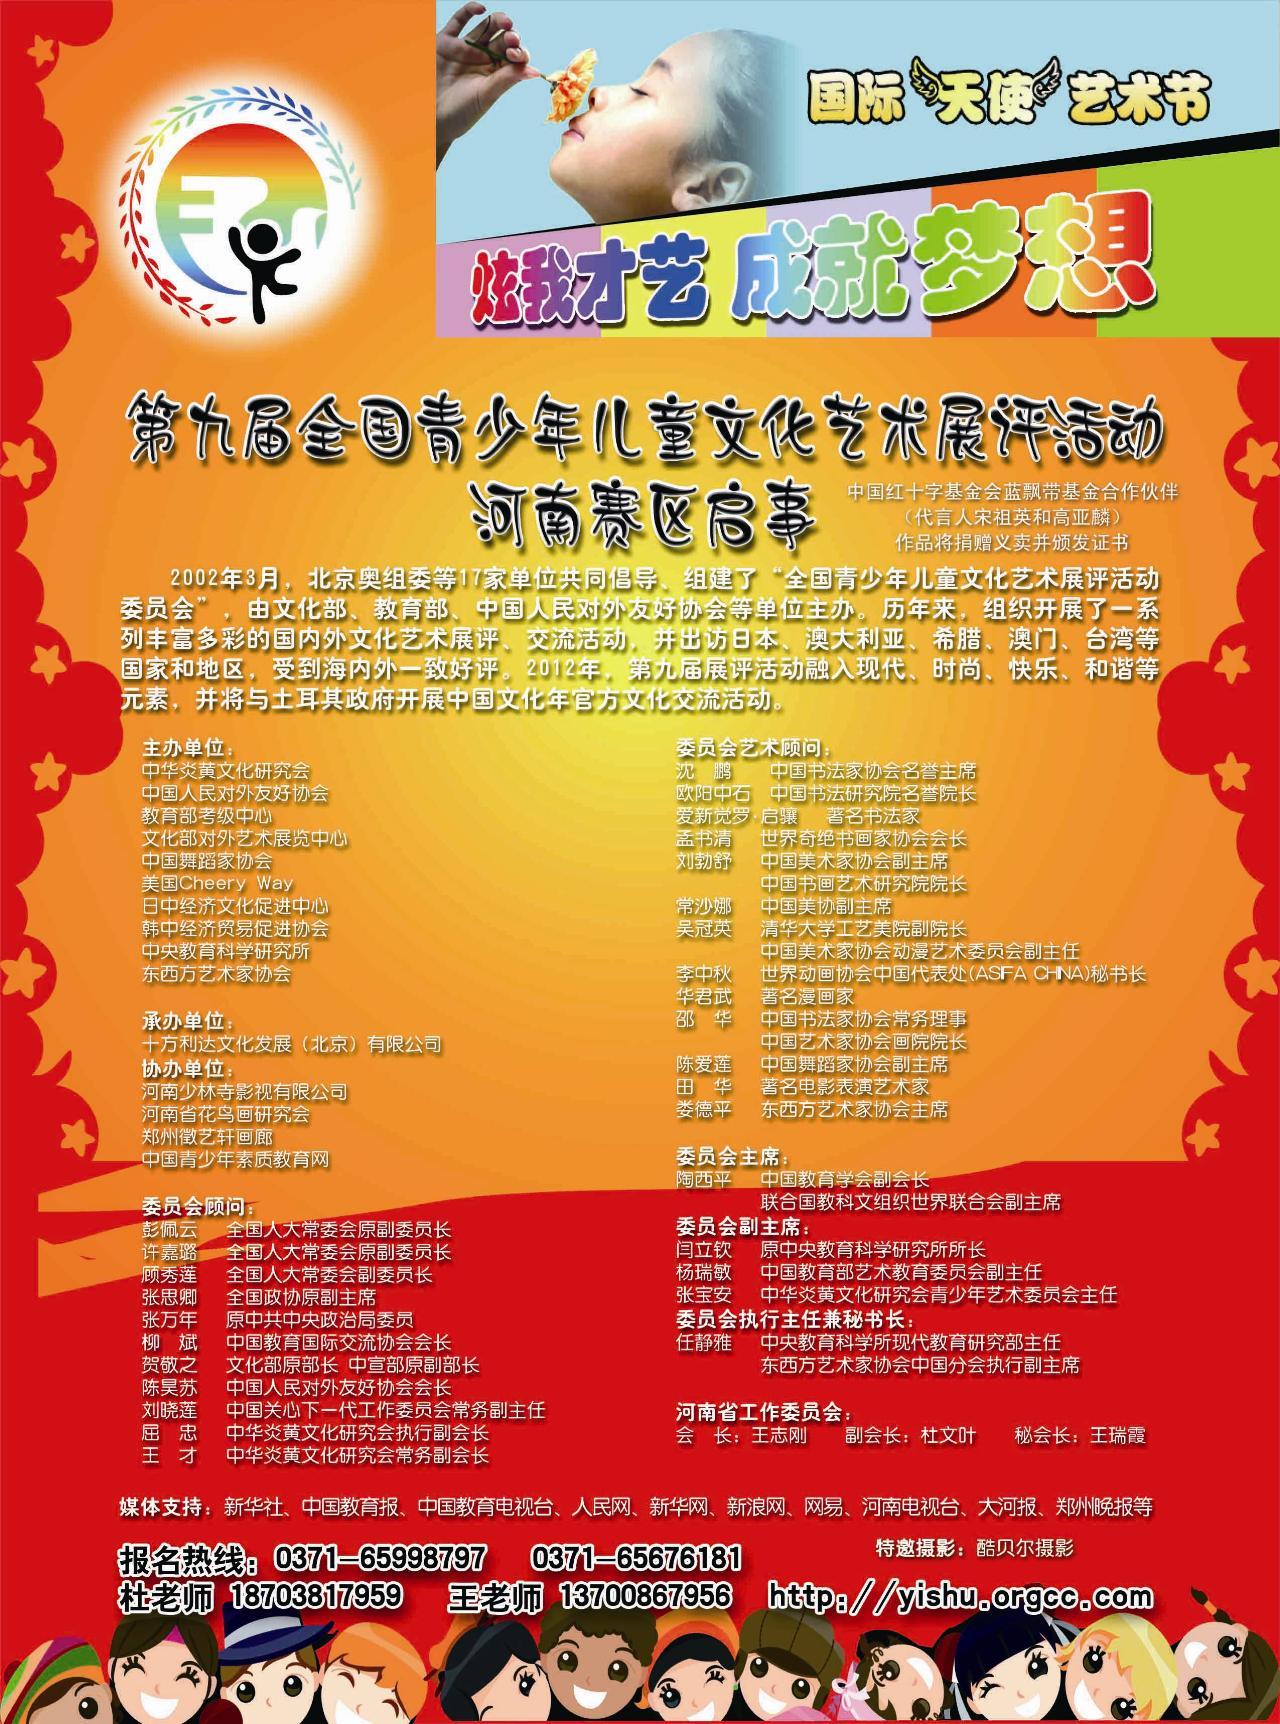 第九届全国青少年儿童文化艺术展评活动河南赛区正式启